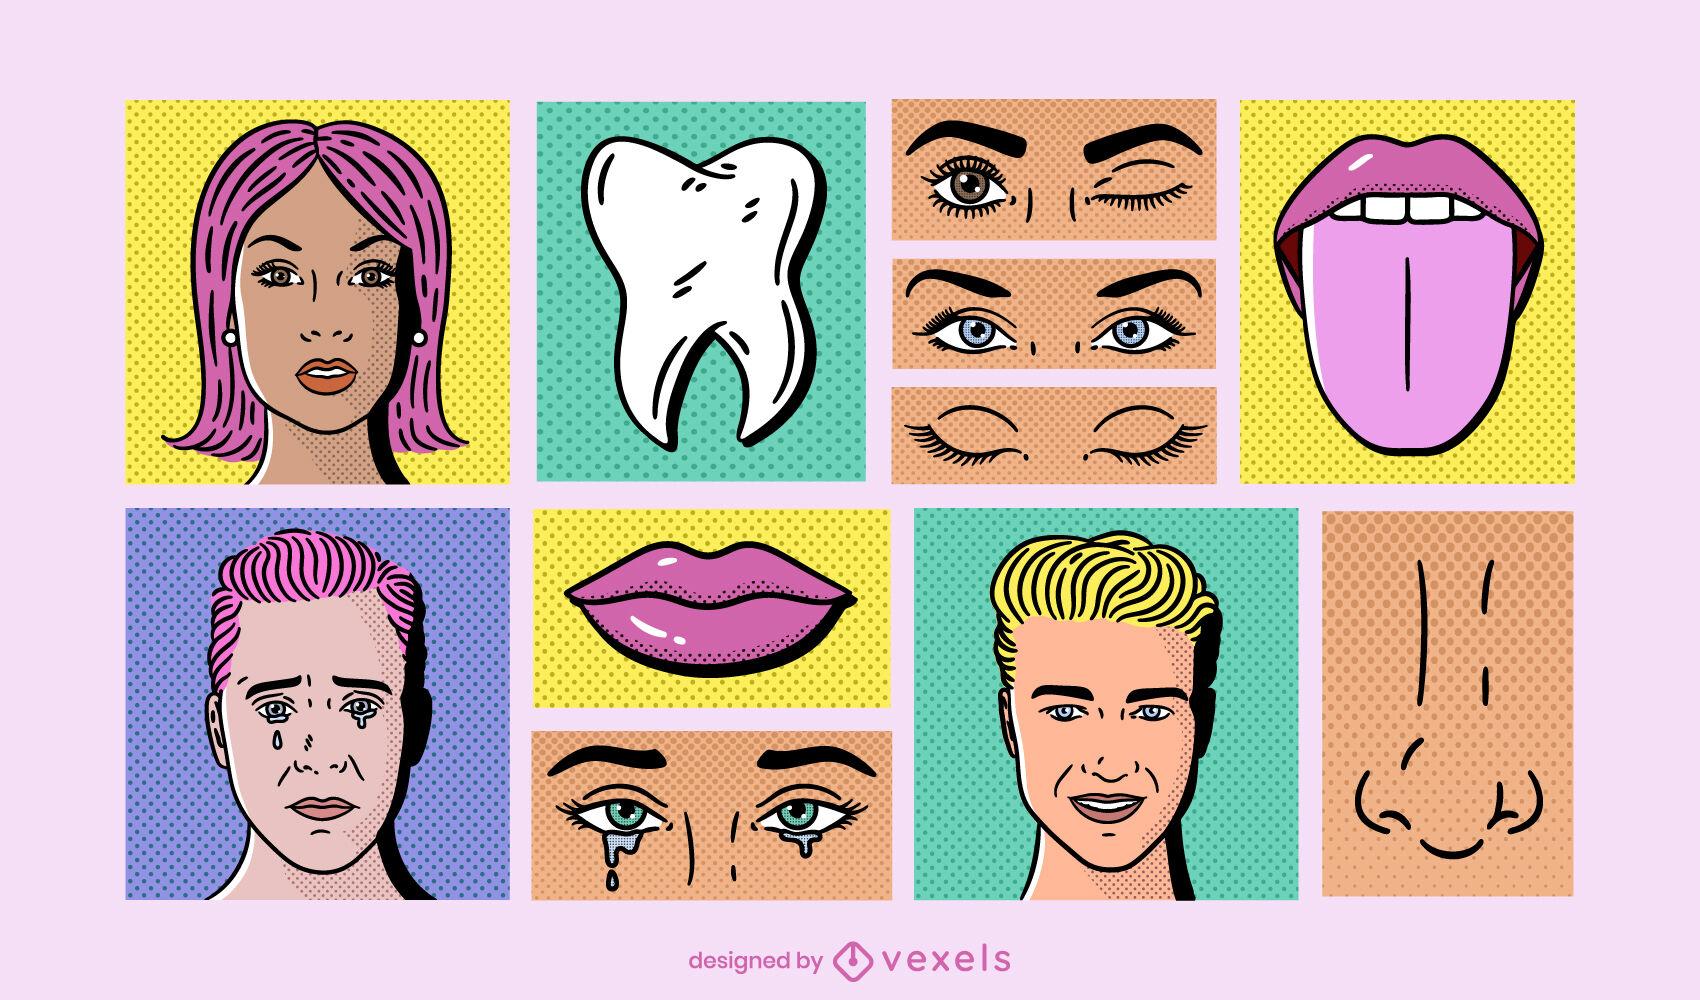 La cara presenta un conjunto de cómic pop art